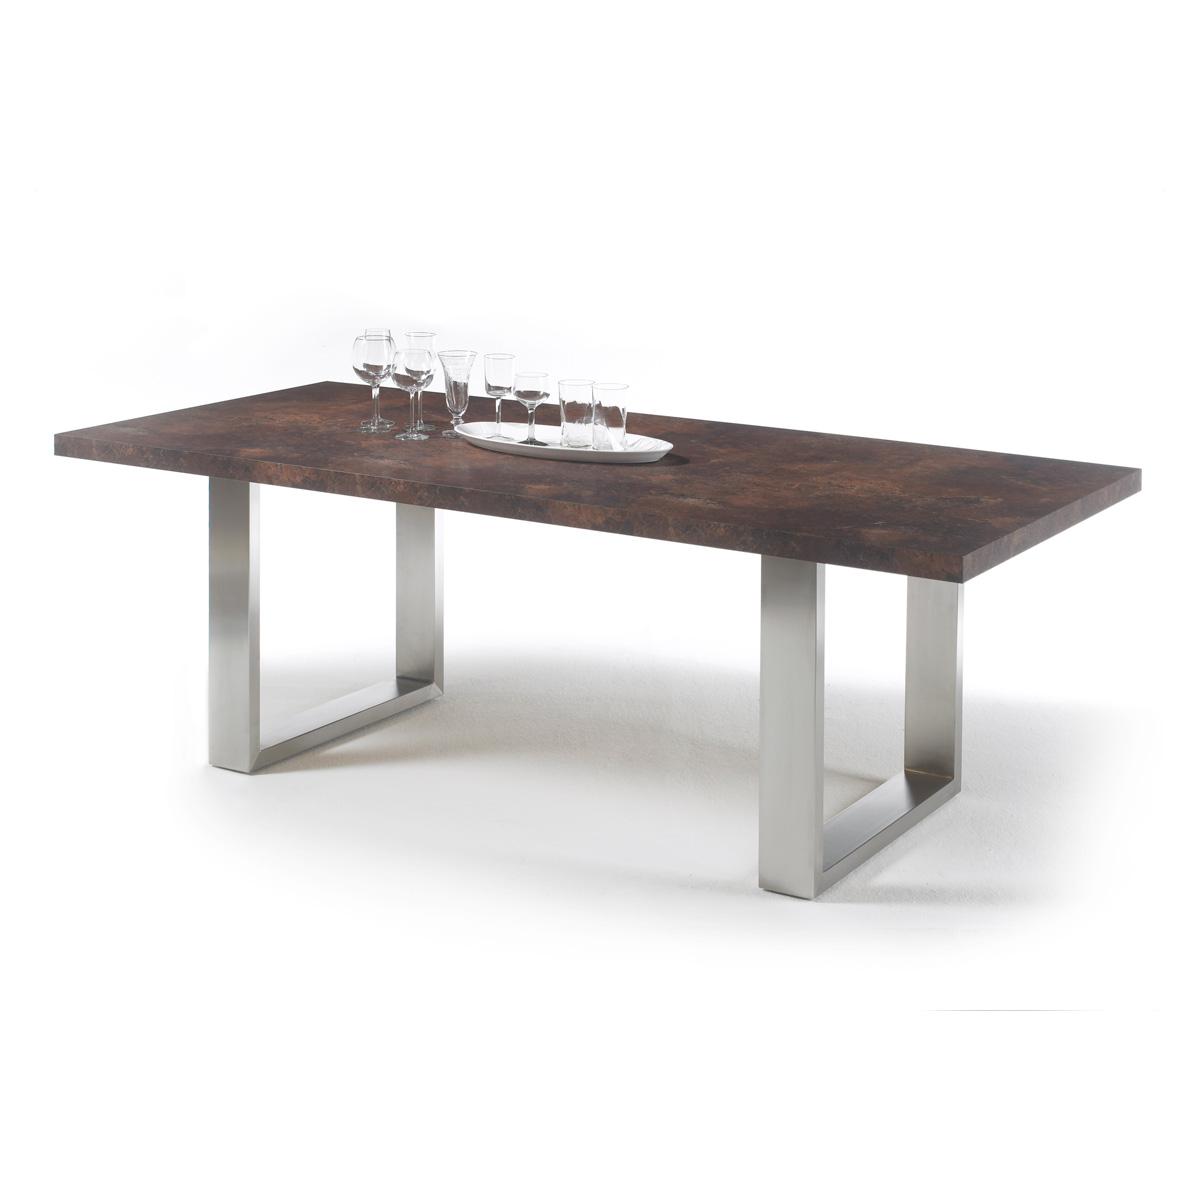 Esstisch Stone Tisch Esstisch Esszimmertisch anthrazit  ~ Esstisch Granit